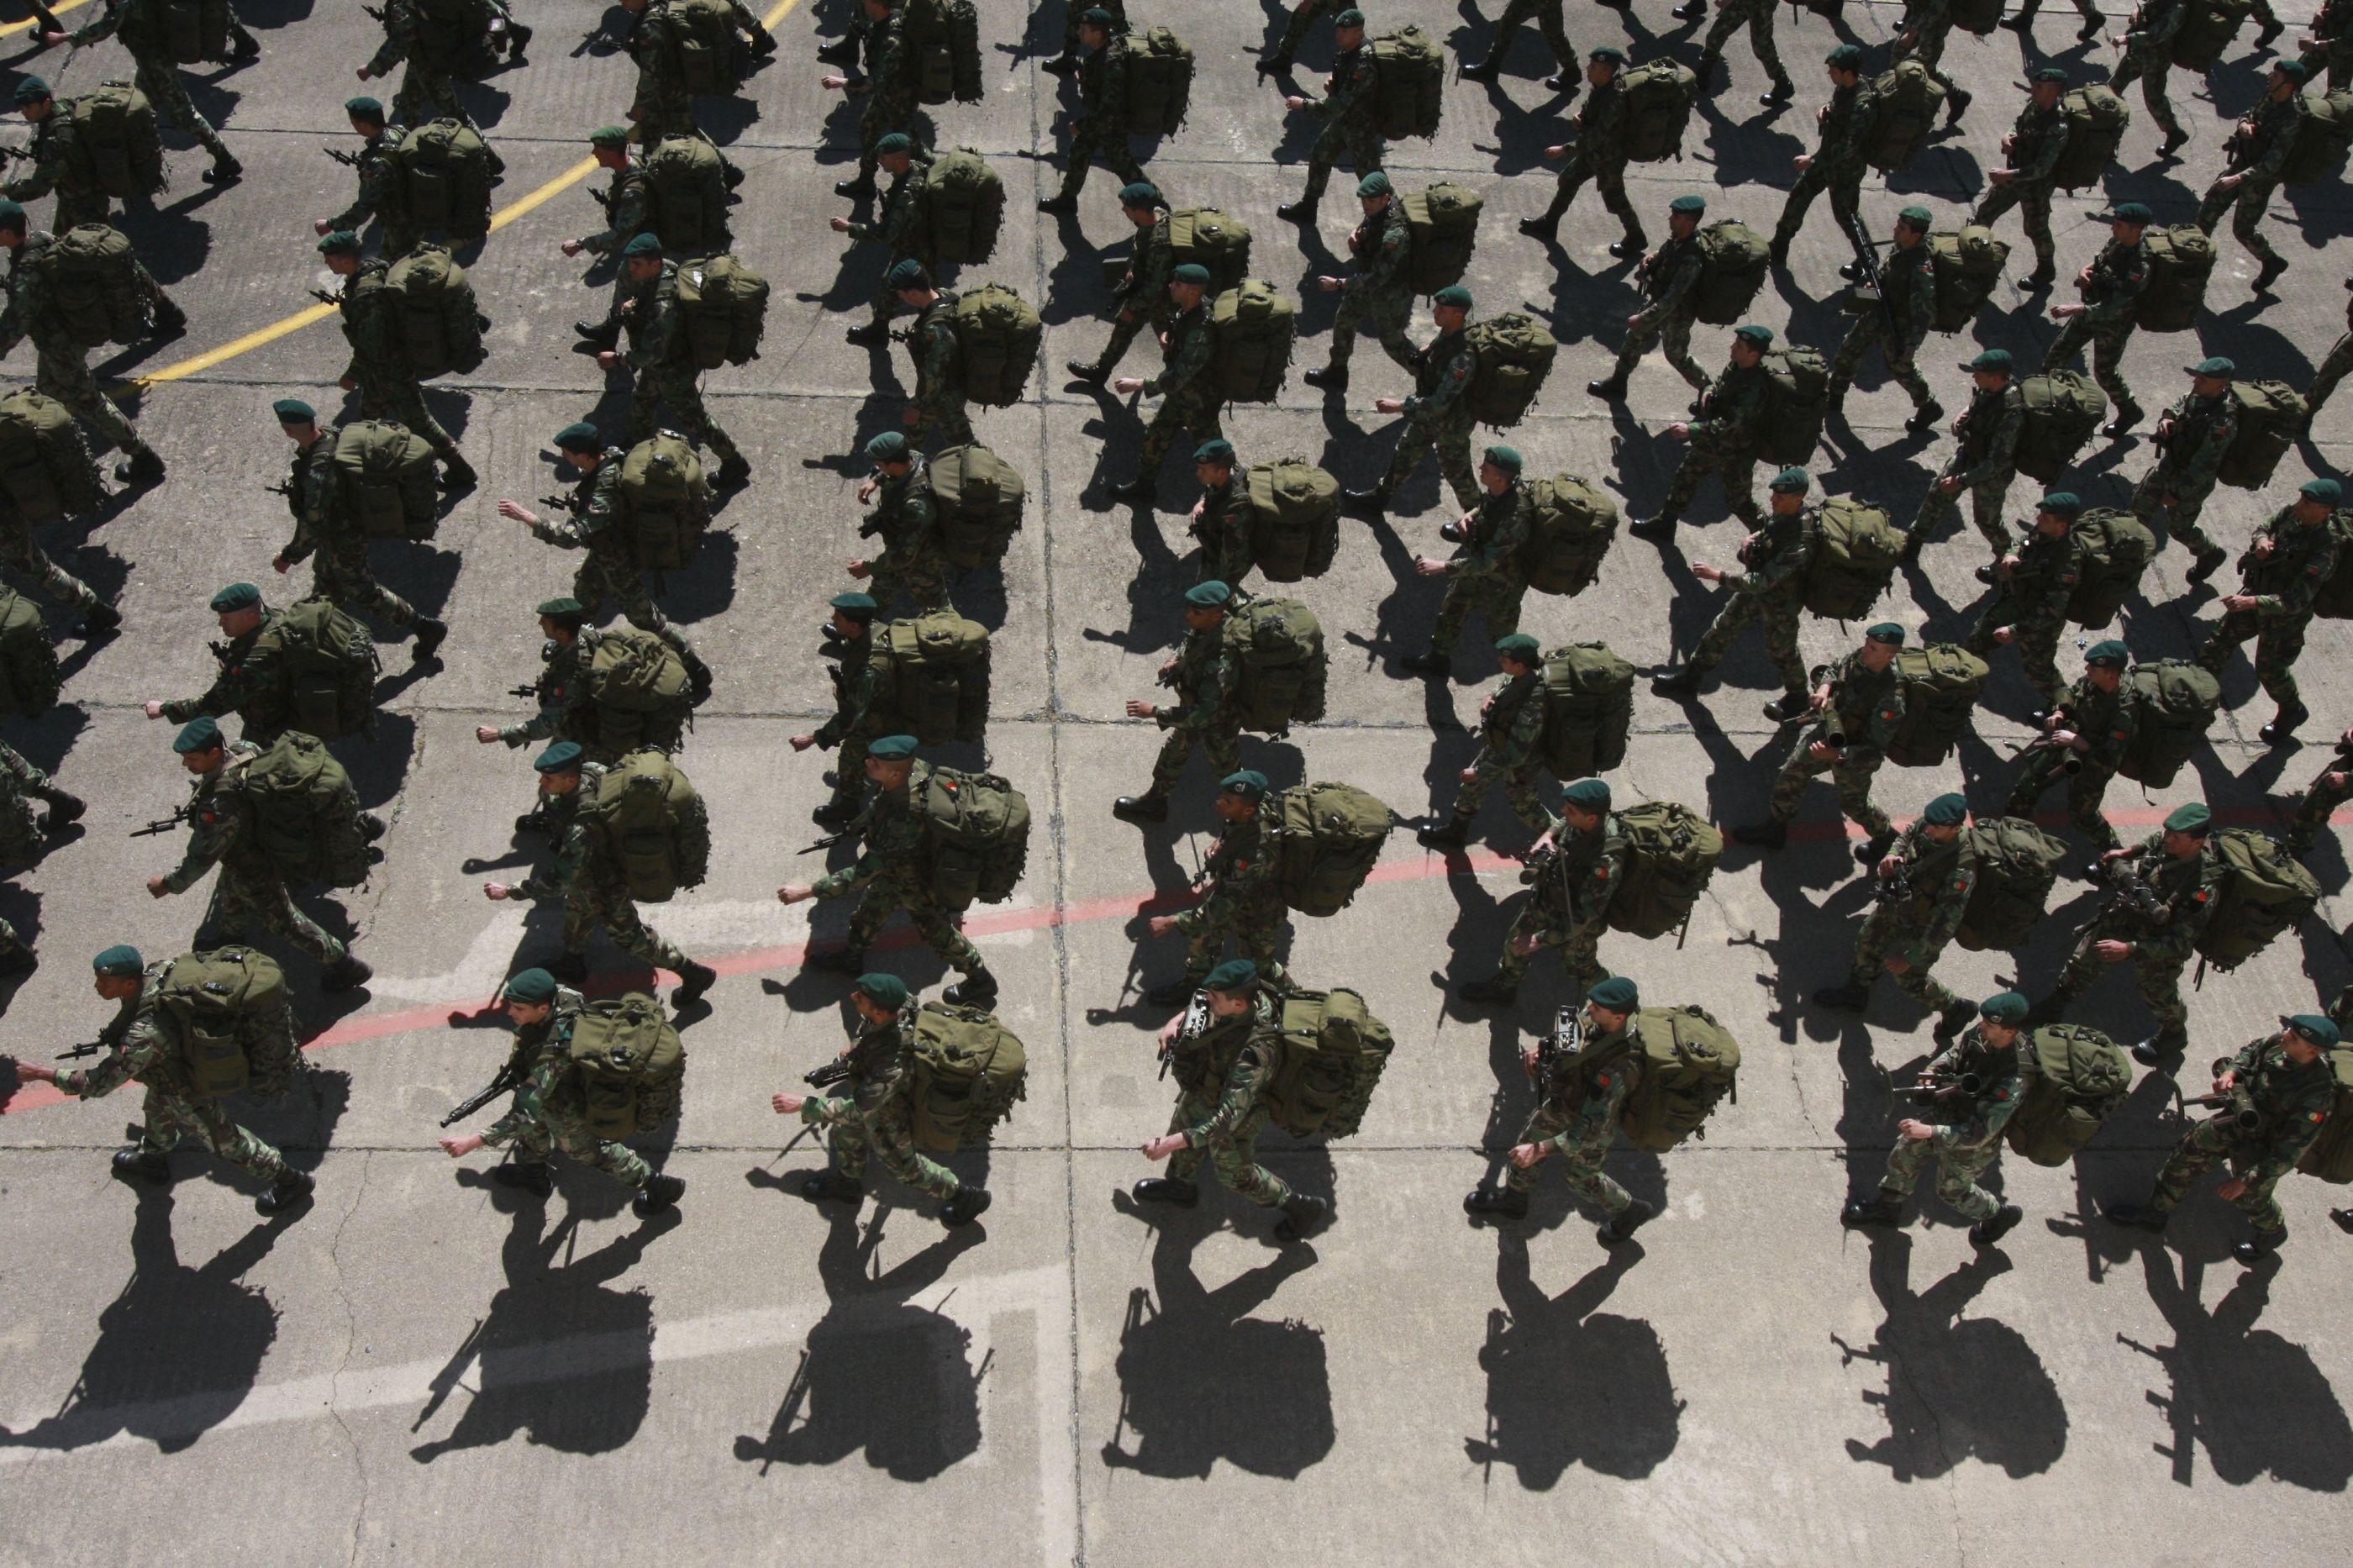 Seis militares acusados de abusar de uma mulher soldado